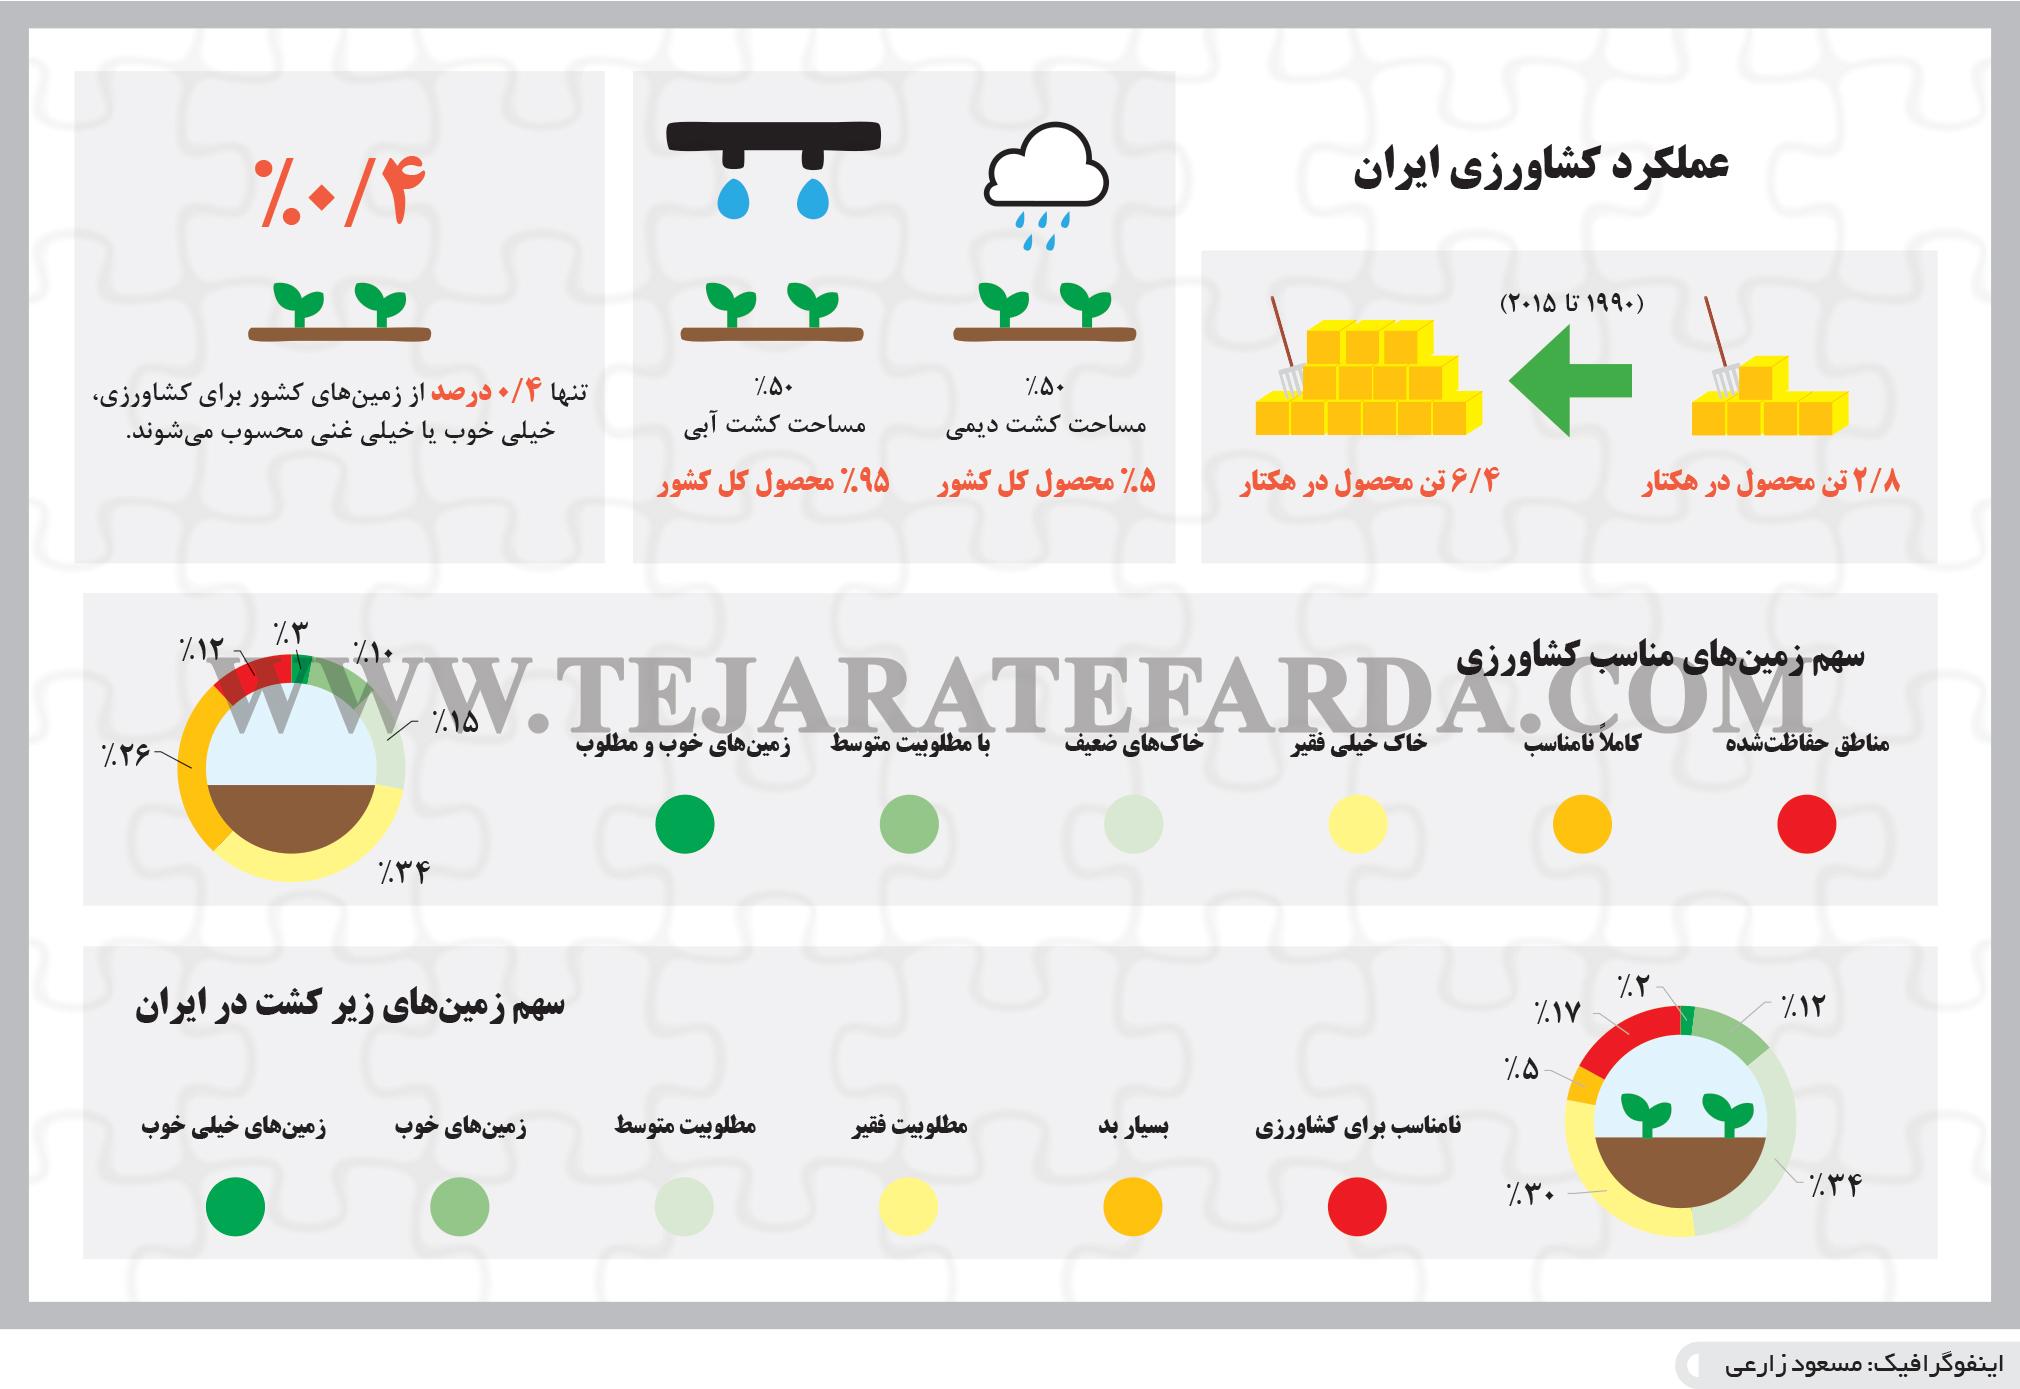 تجارت فردا- اینفوگرافیک-عملکرد کشاورزی ایران